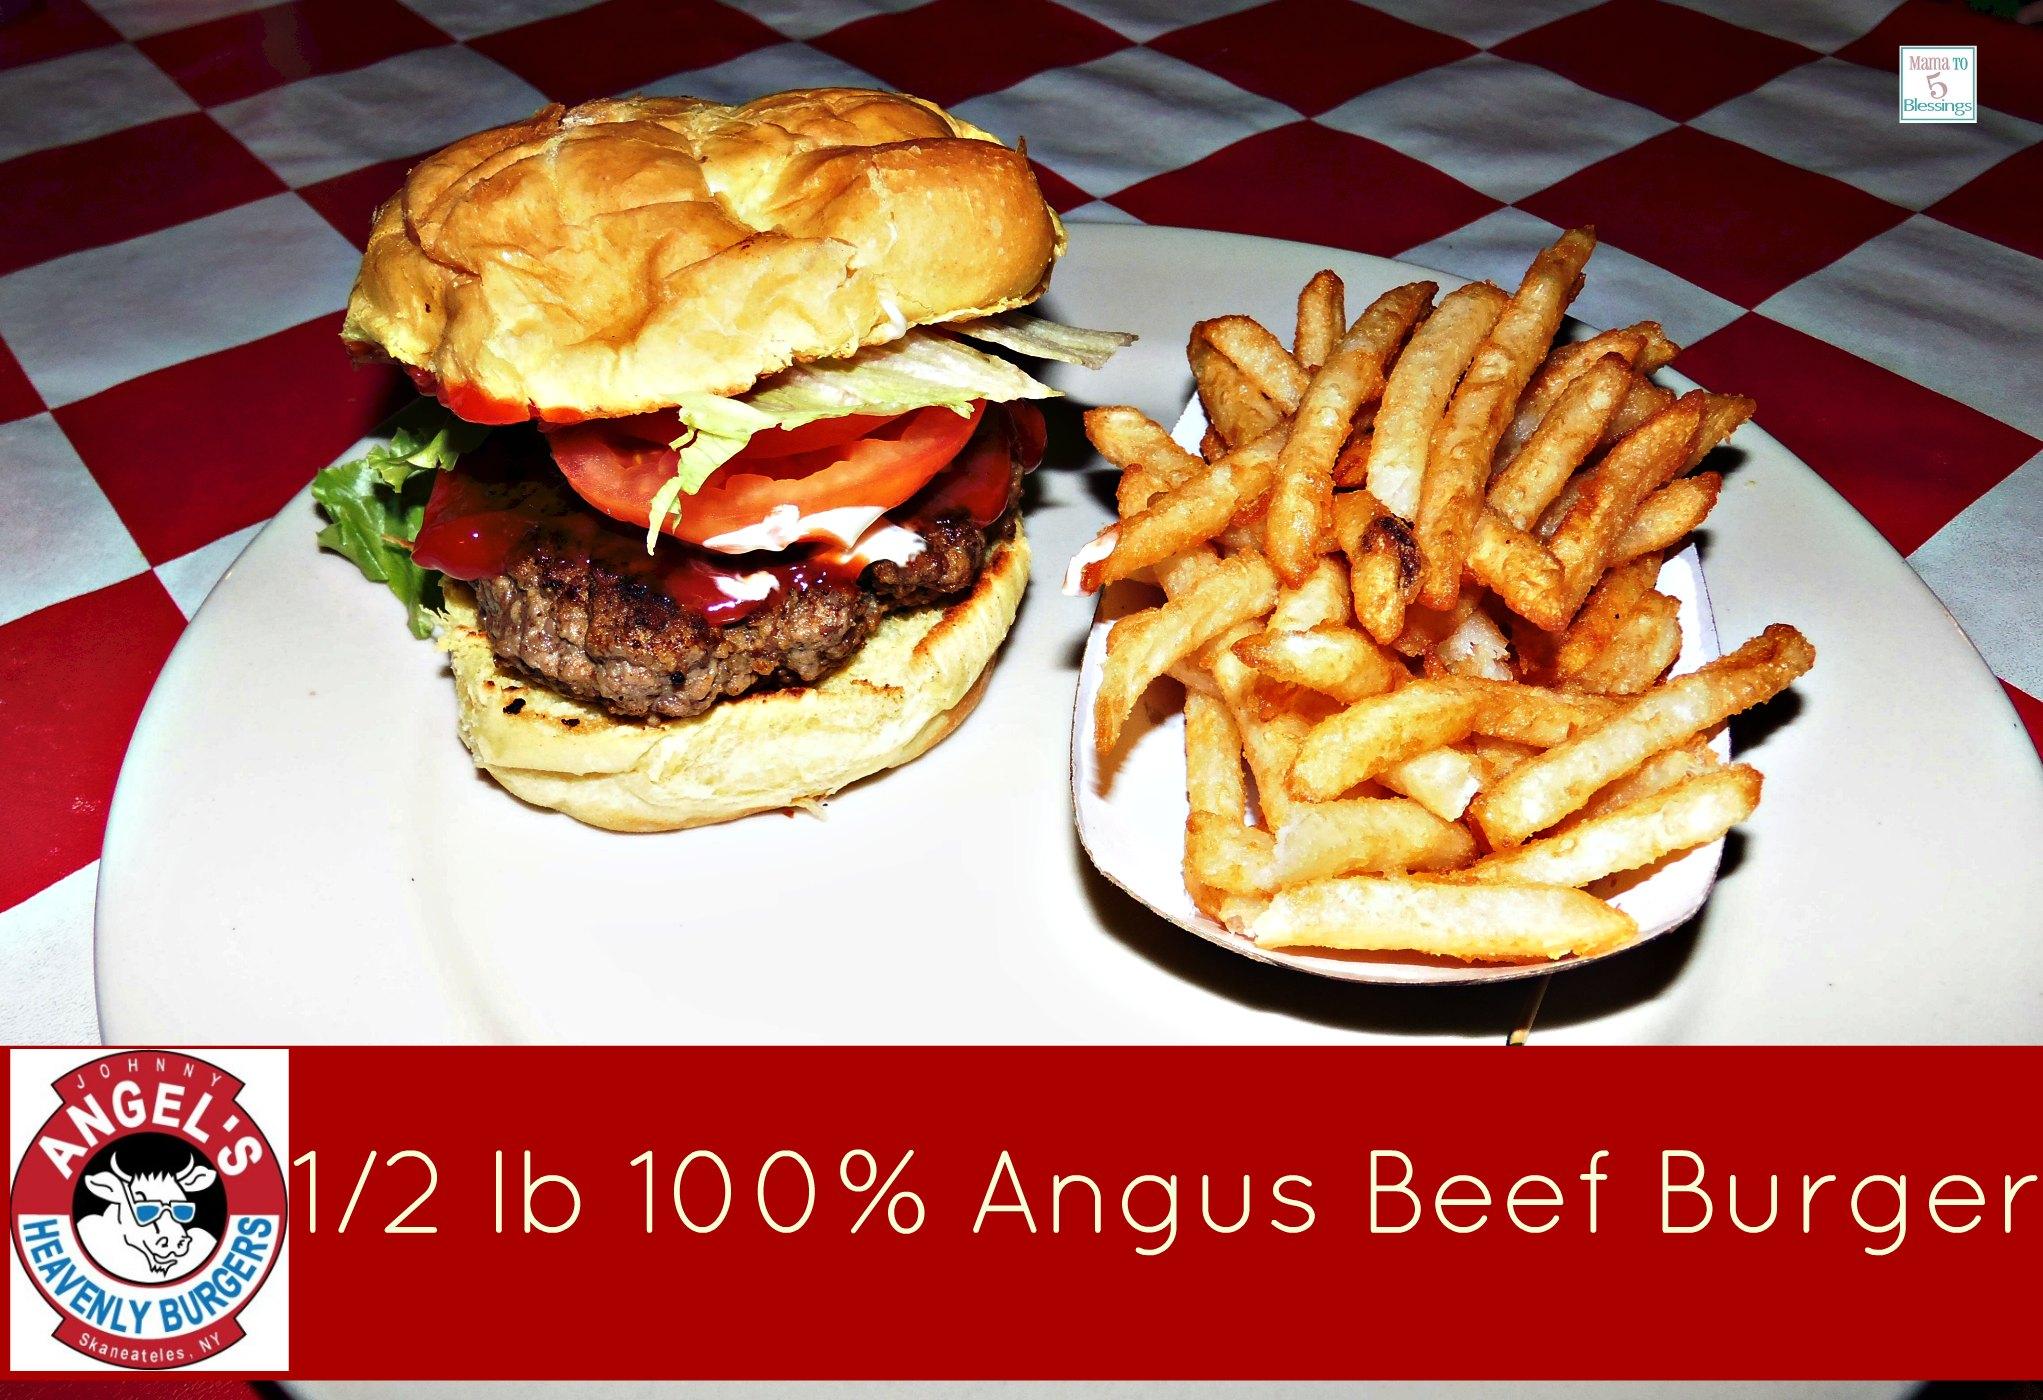 johnny angels 1/2 lb burger